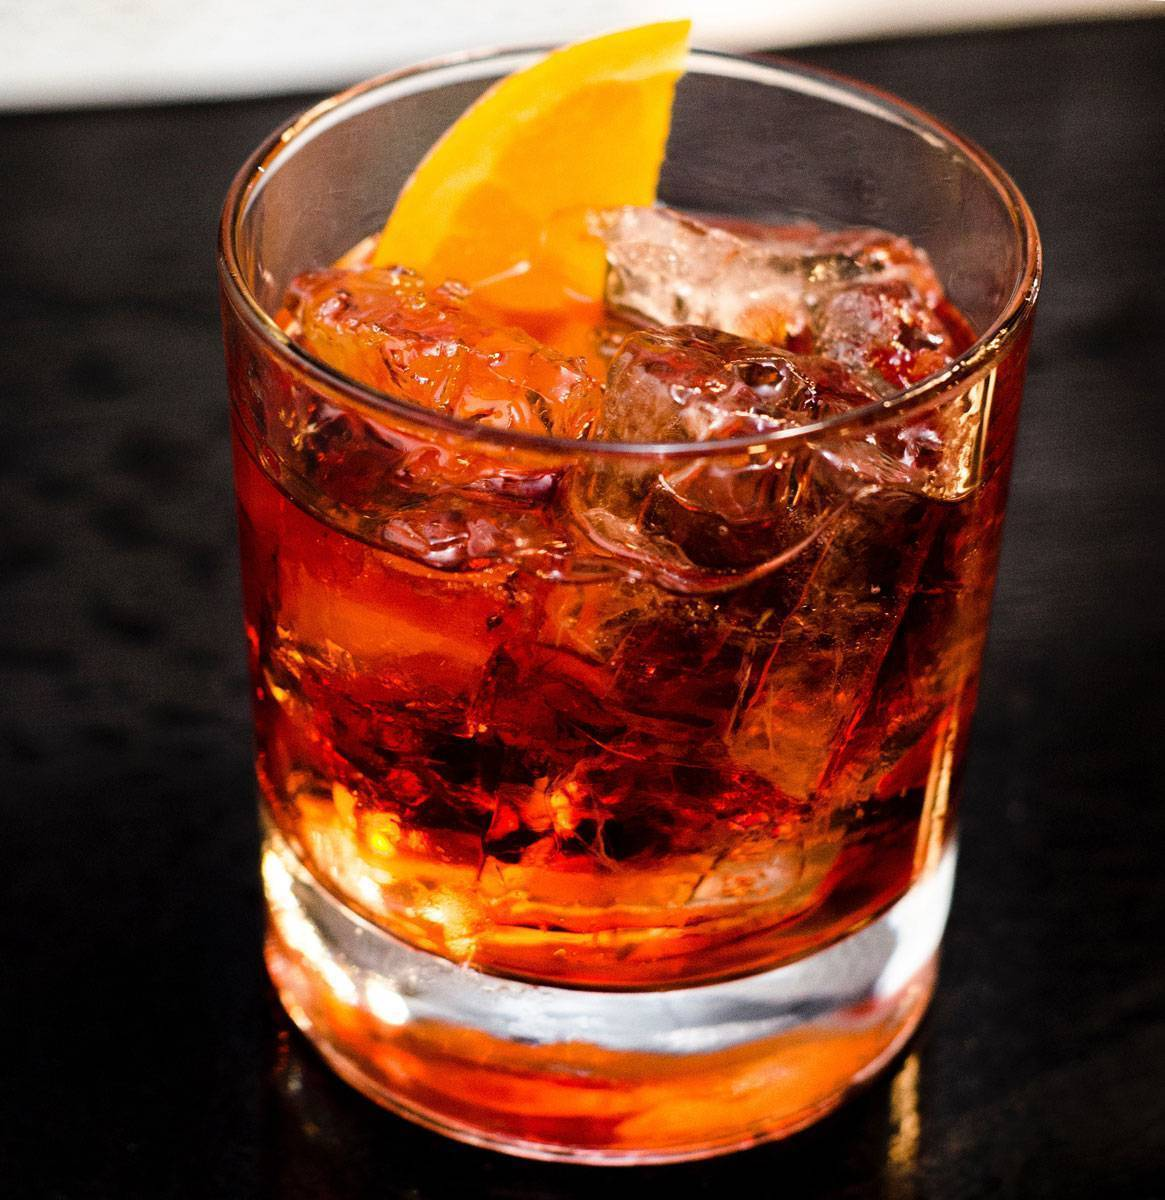 Как сделать коктейль негрони в домашних условиях. коктейль негрони (negroni) – история и рецепт приготовления коктейль негрони рецепт в домашних условиях